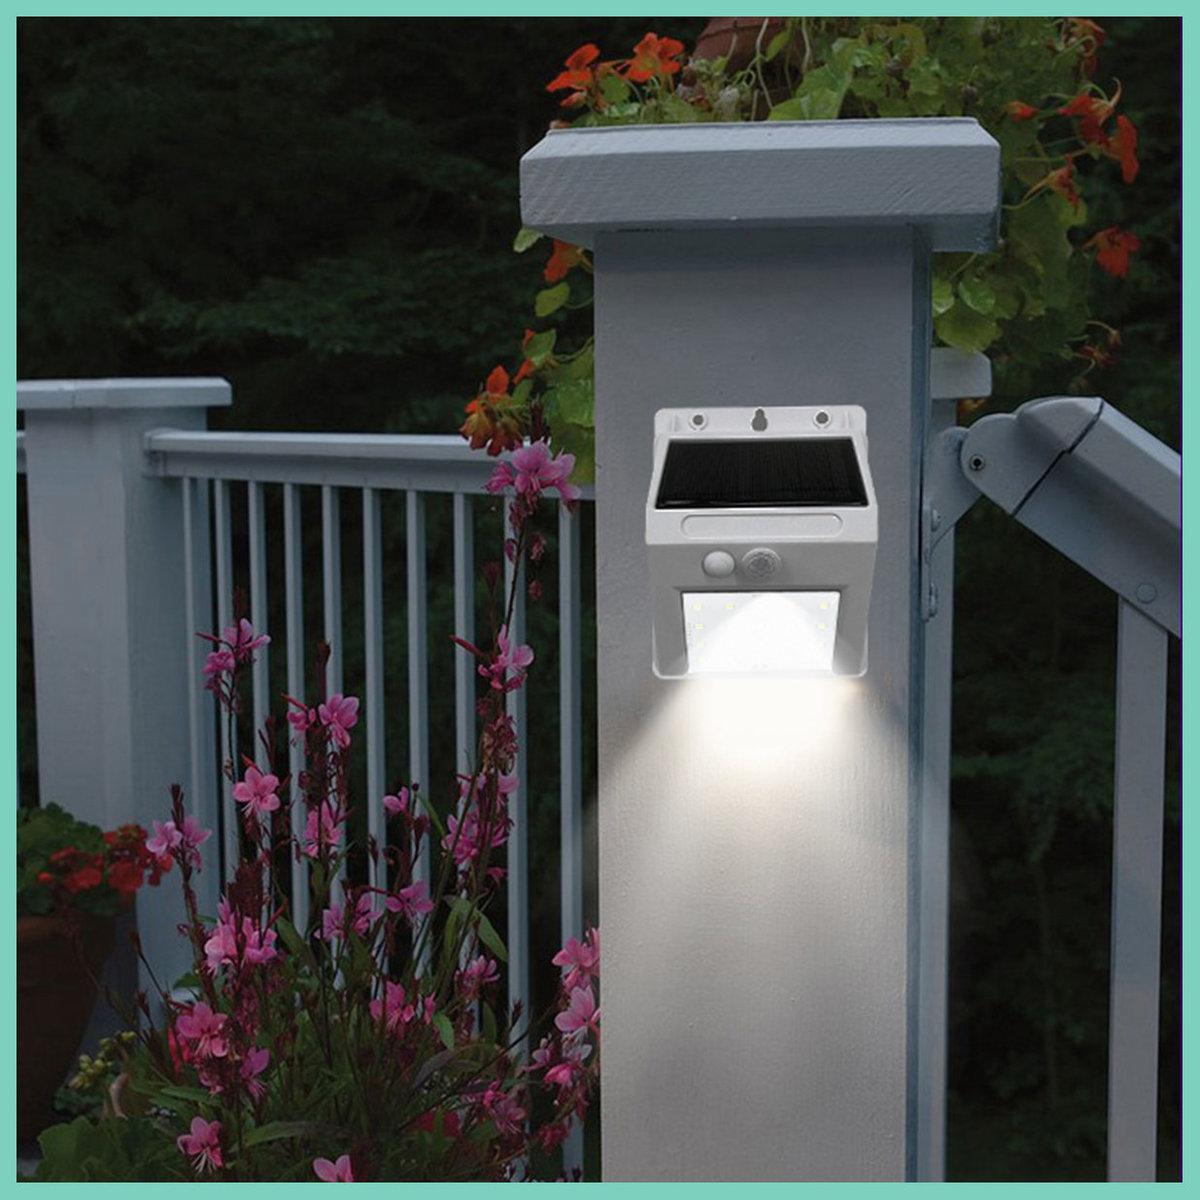 Solar-Powered Motion Sensor Security Light (White)